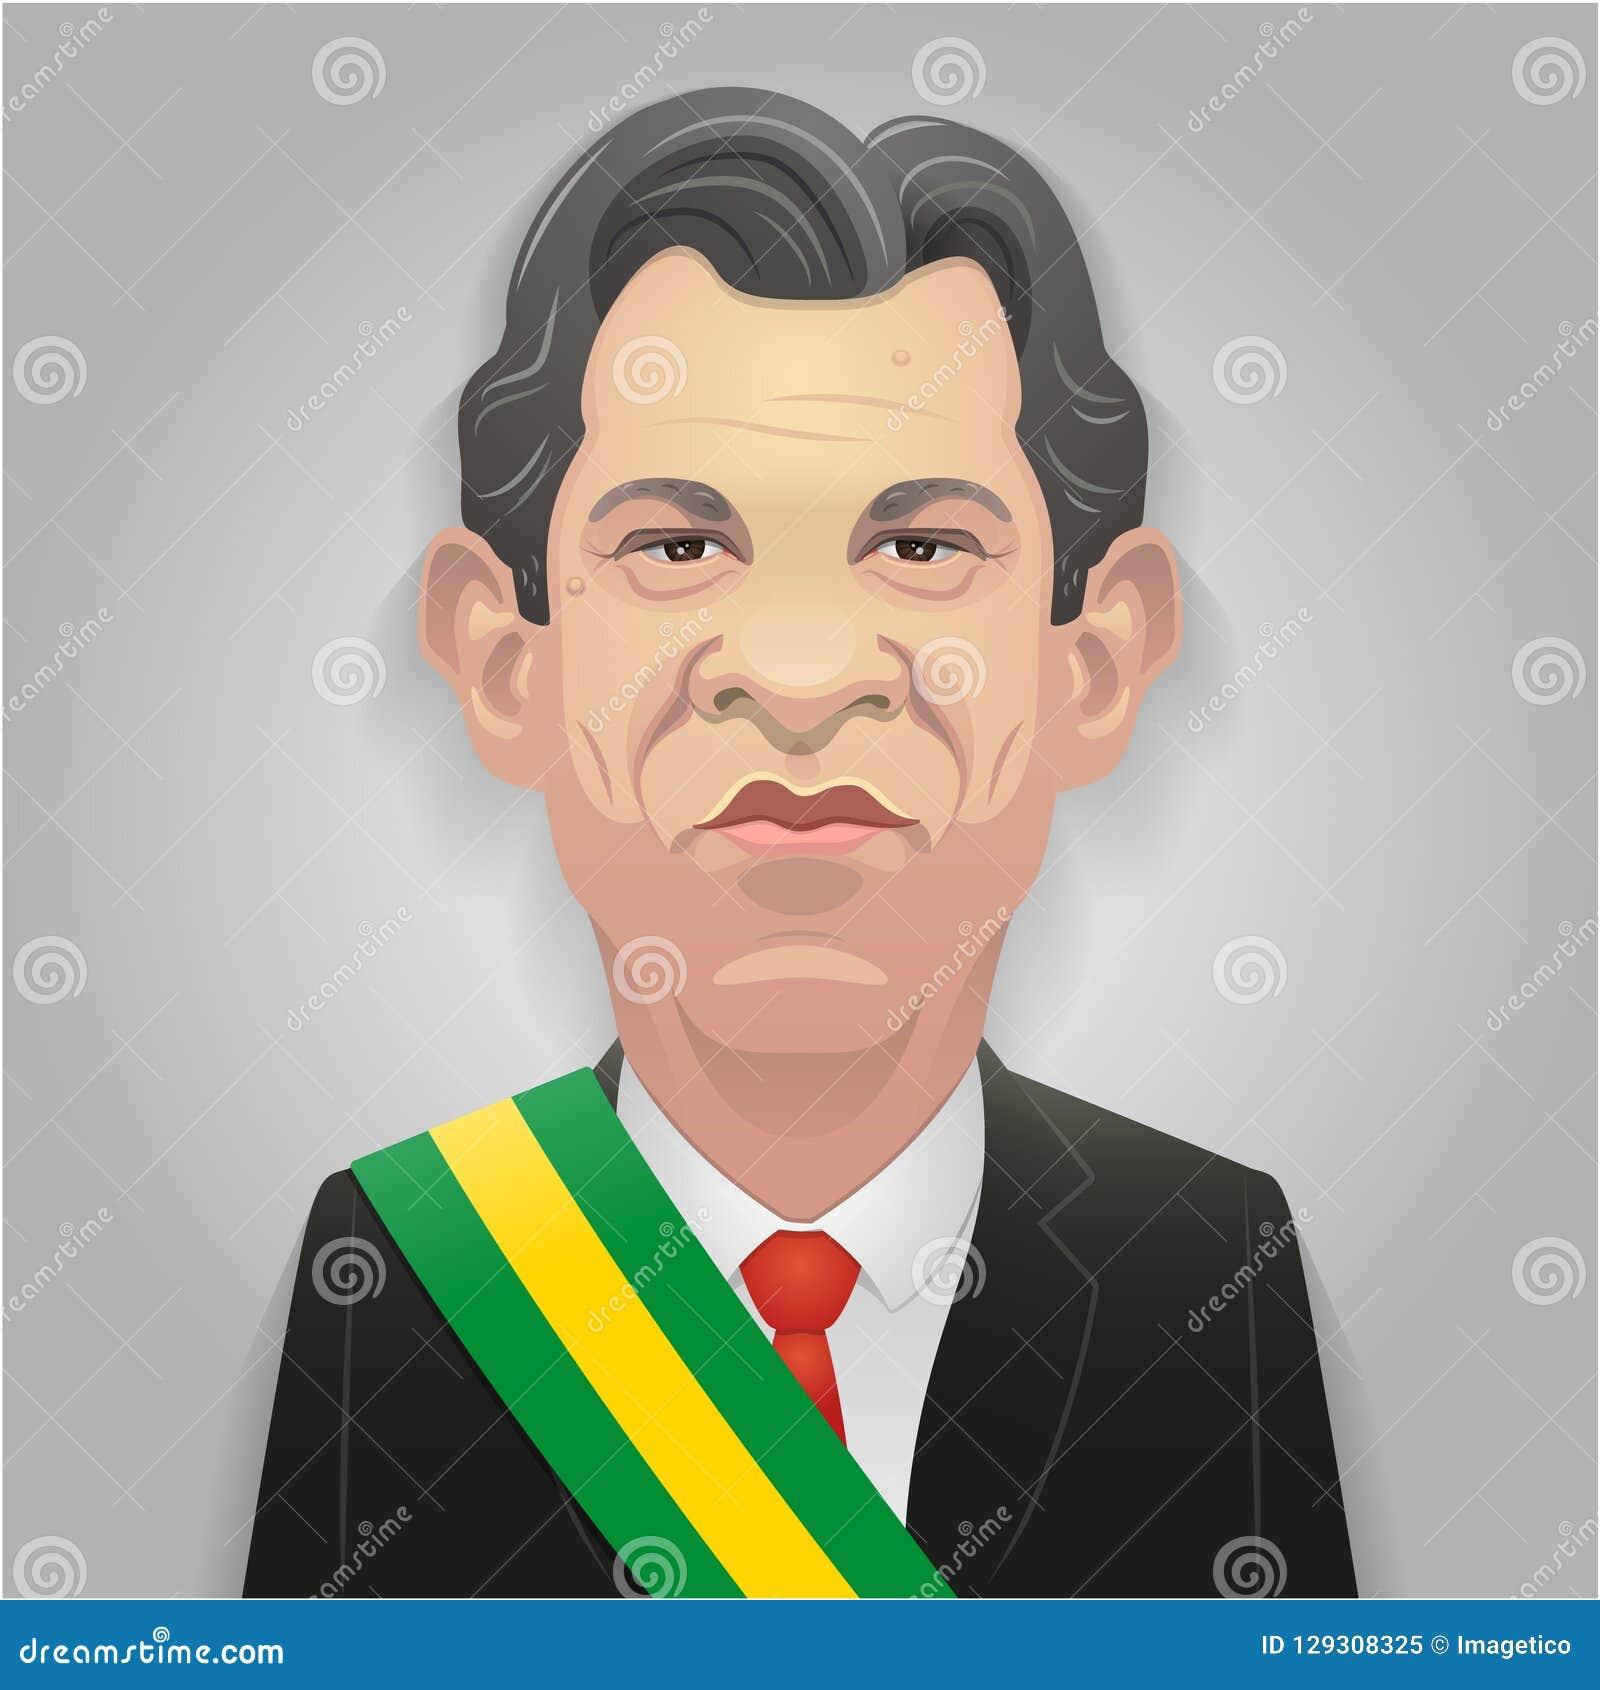 17 de octubre de 2018 - Fernando Haddad Candidato de centro izquierda